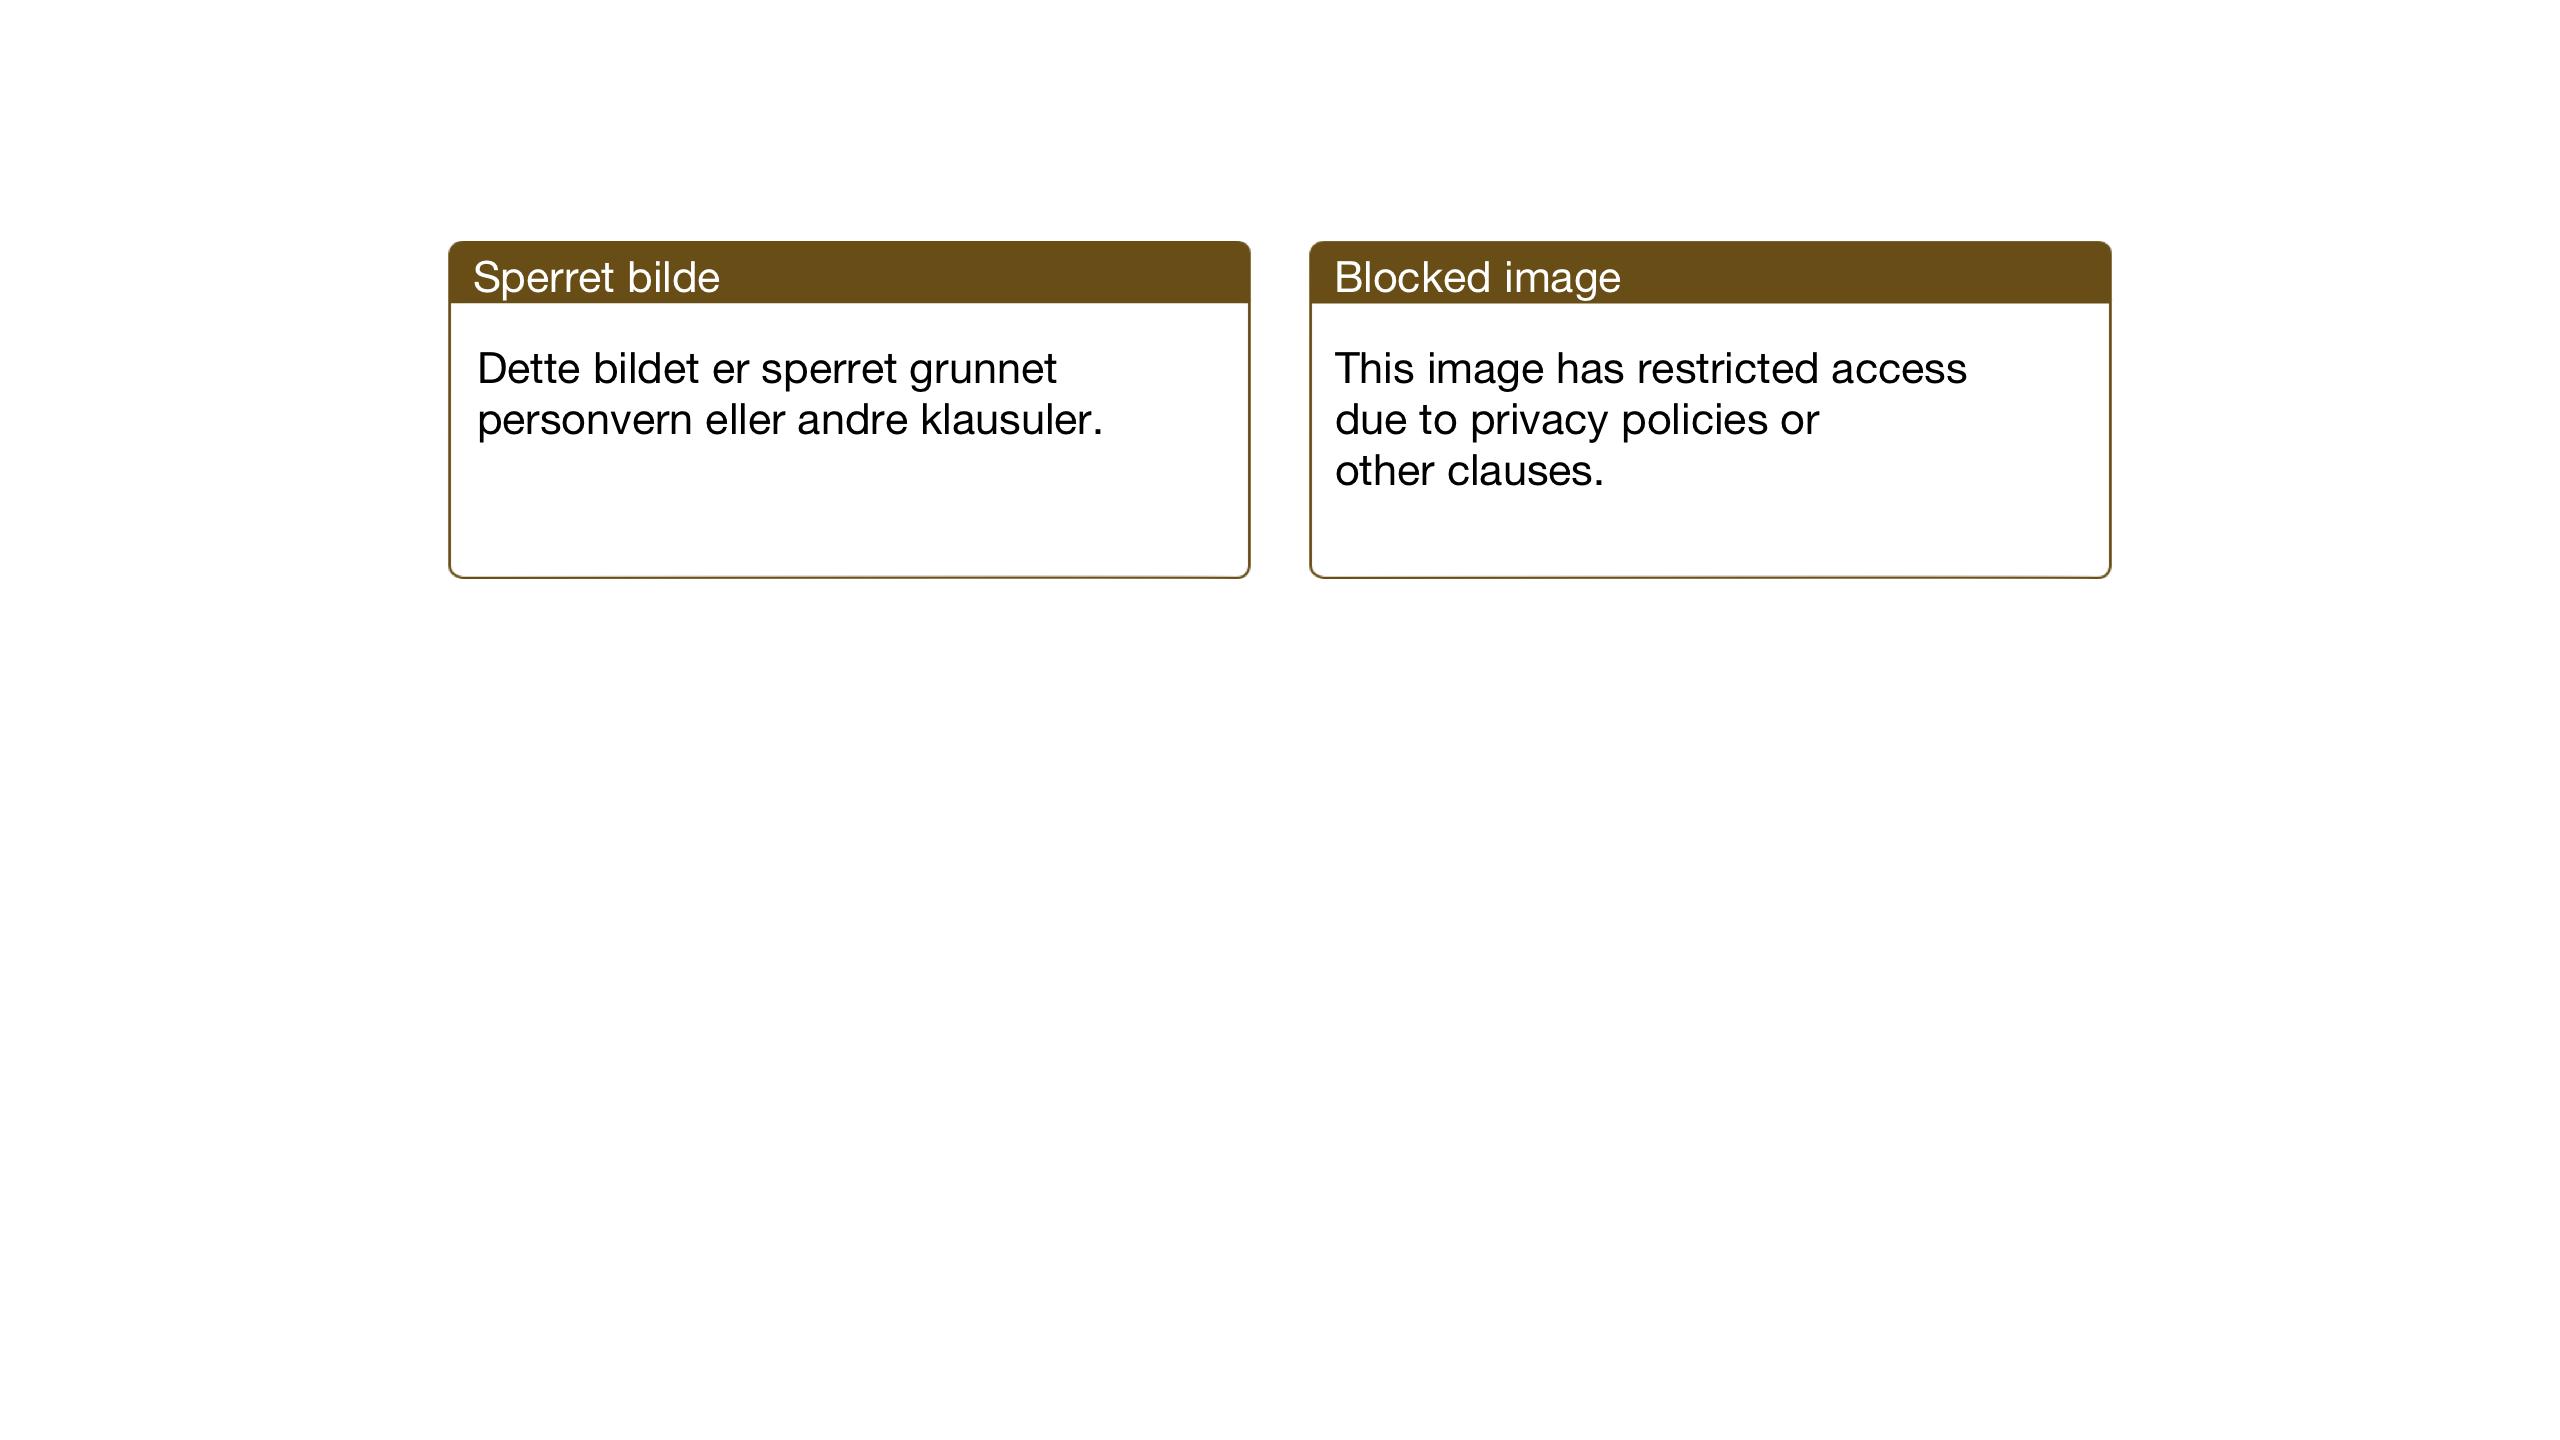 SAT, Ministerialprotokoller, klokkerbøker og fødselsregistre - Sør-Trøndelag, 640/L0590: Klokkerbok nr. 640C07, 1935-1948, s. 76